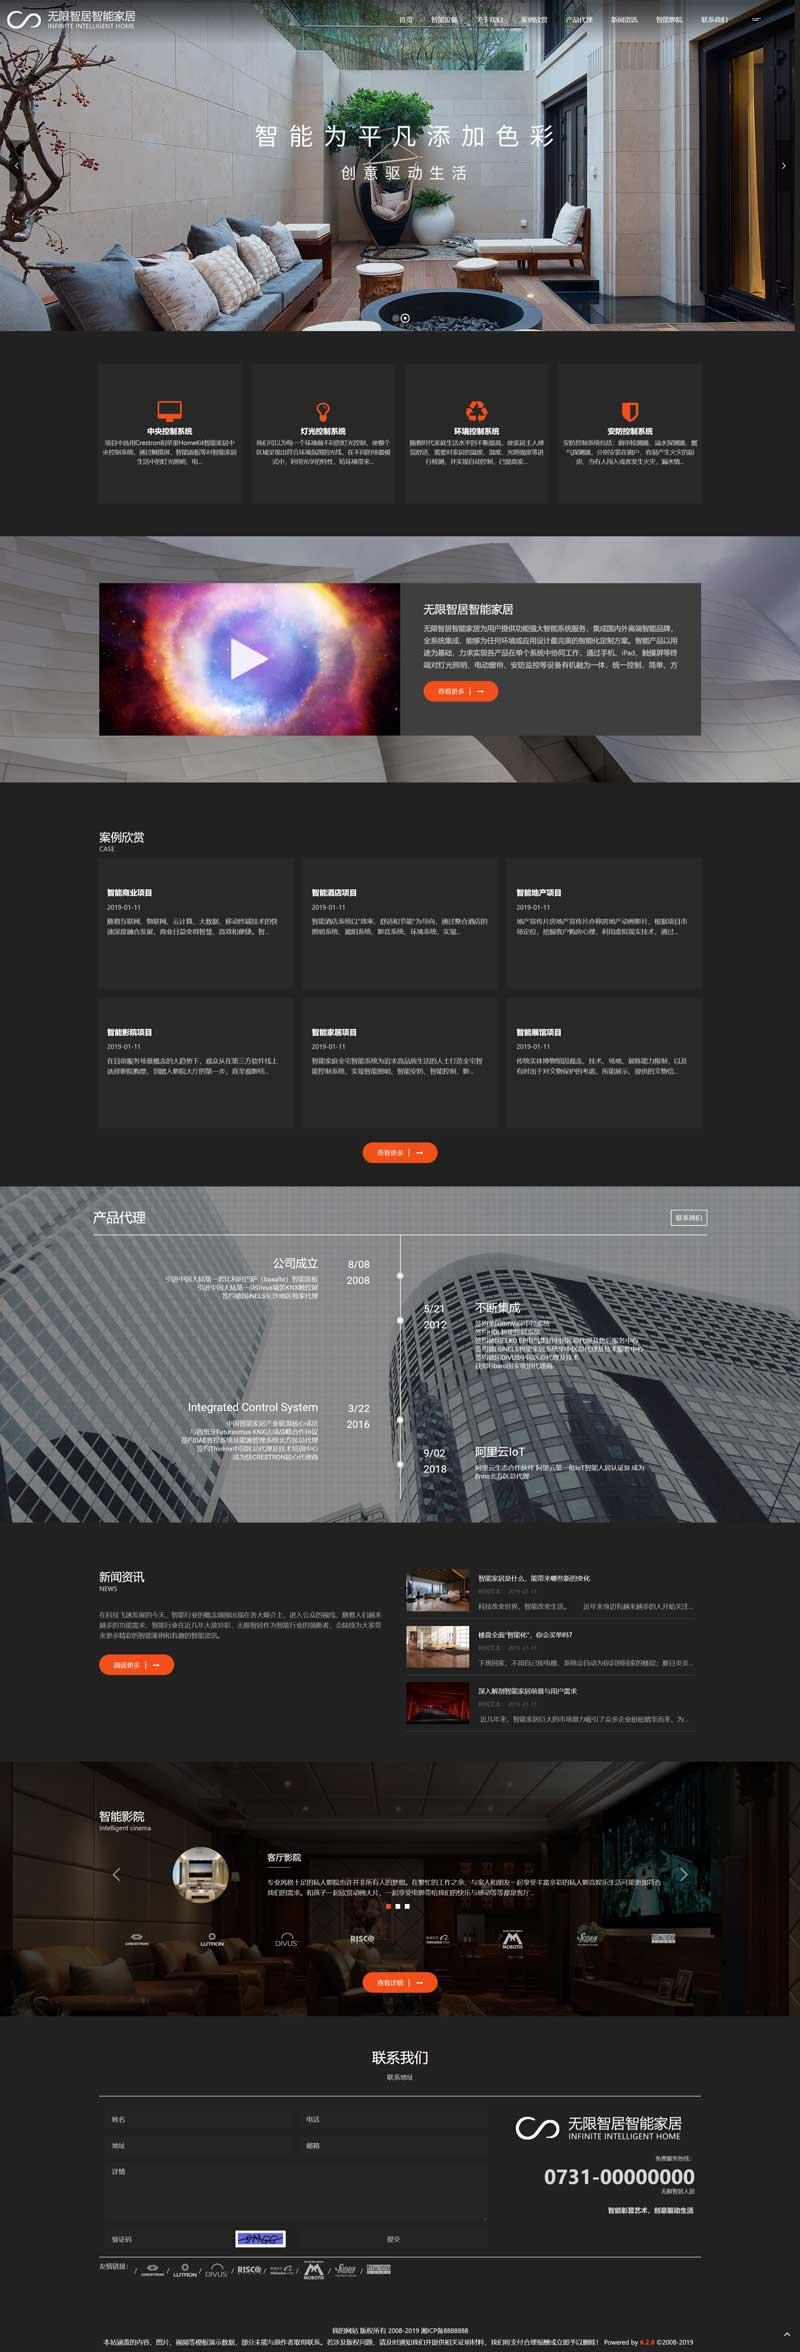 泰州装修装饰网站设计制作服务插图2